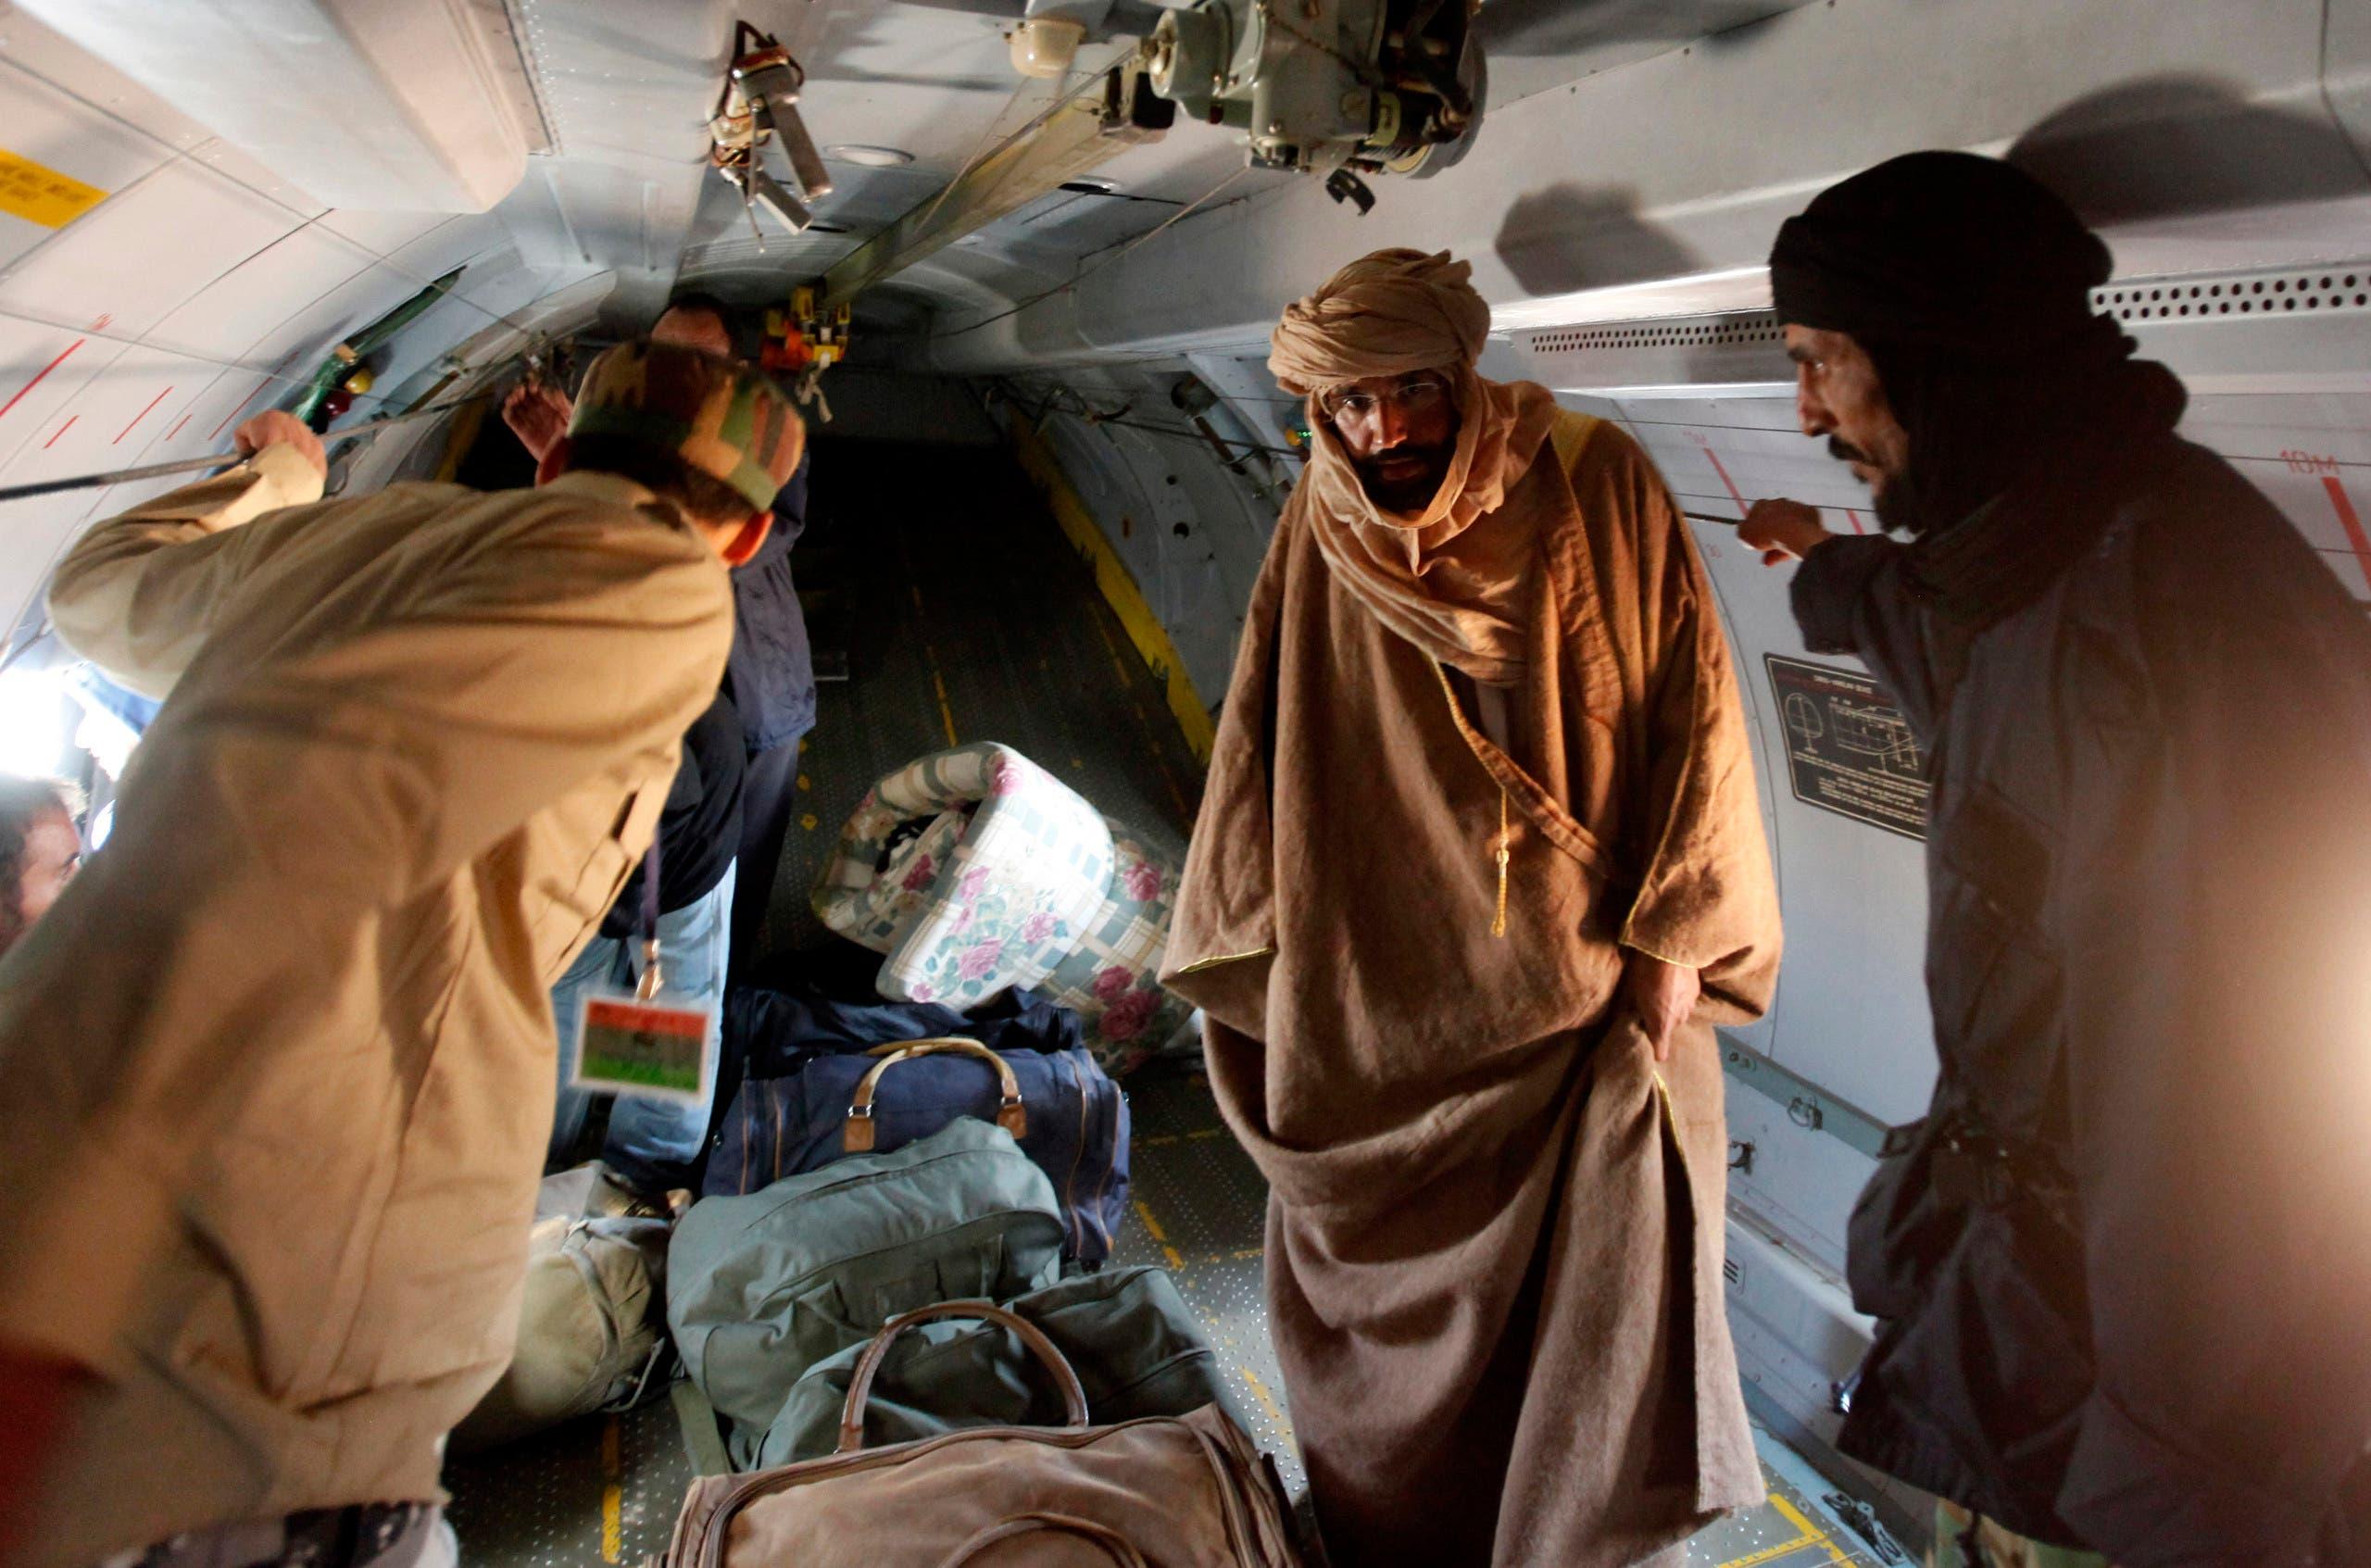 سيف الإسلام القذافي عقب اعتقاله في 2011 (رويترز)